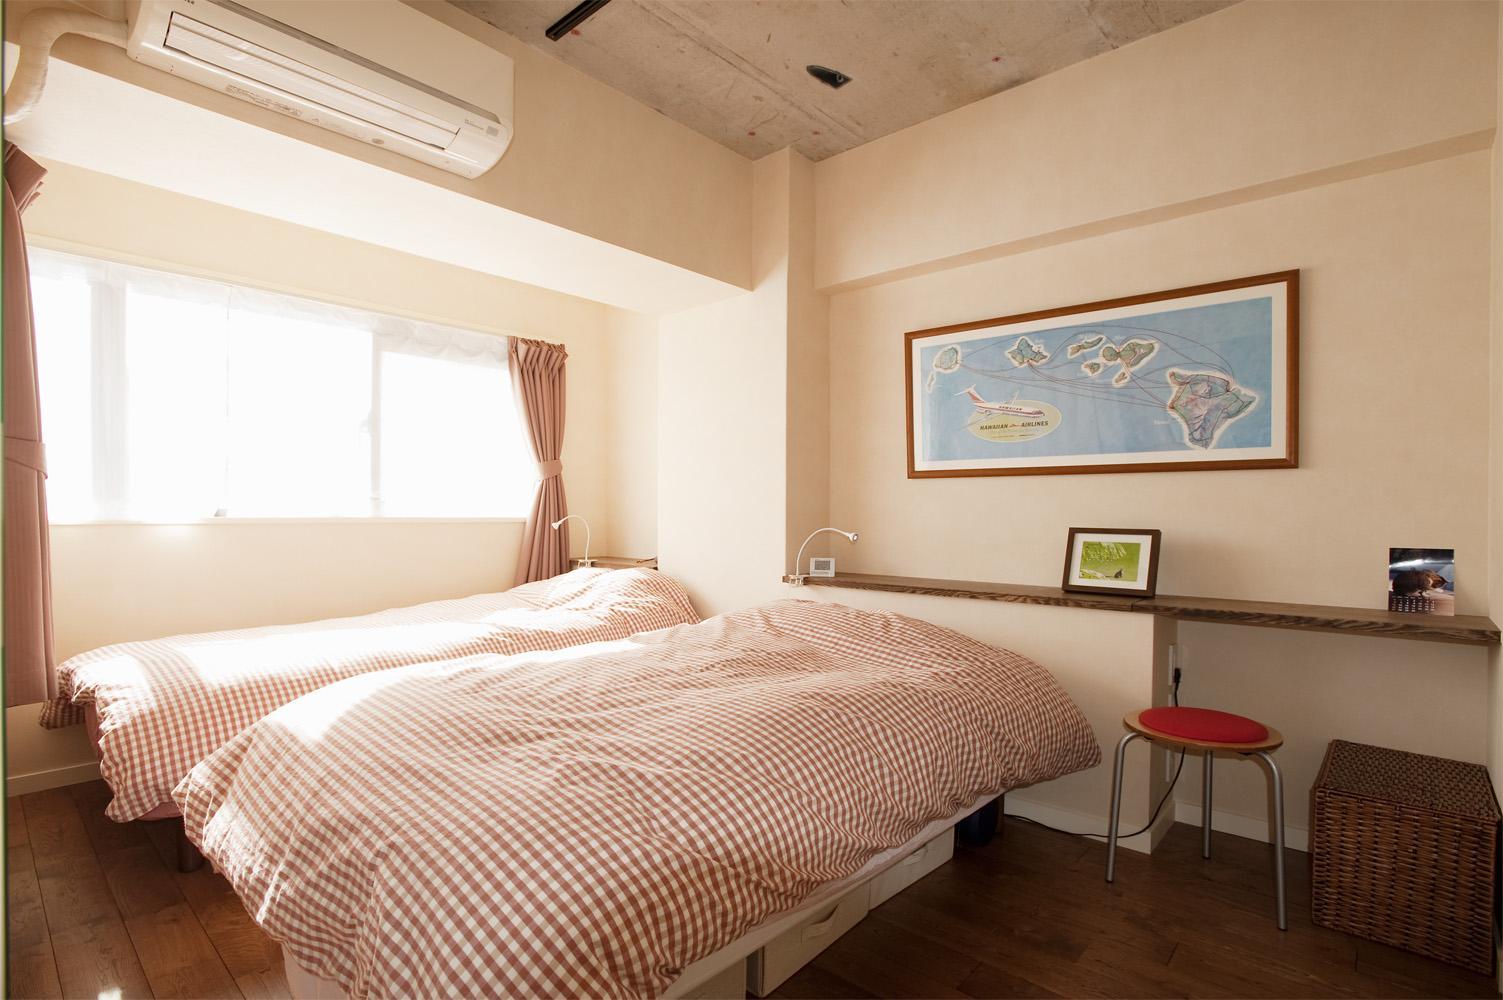 T邸・さわやかな風の吹き抜ける住まいの写真 寝室